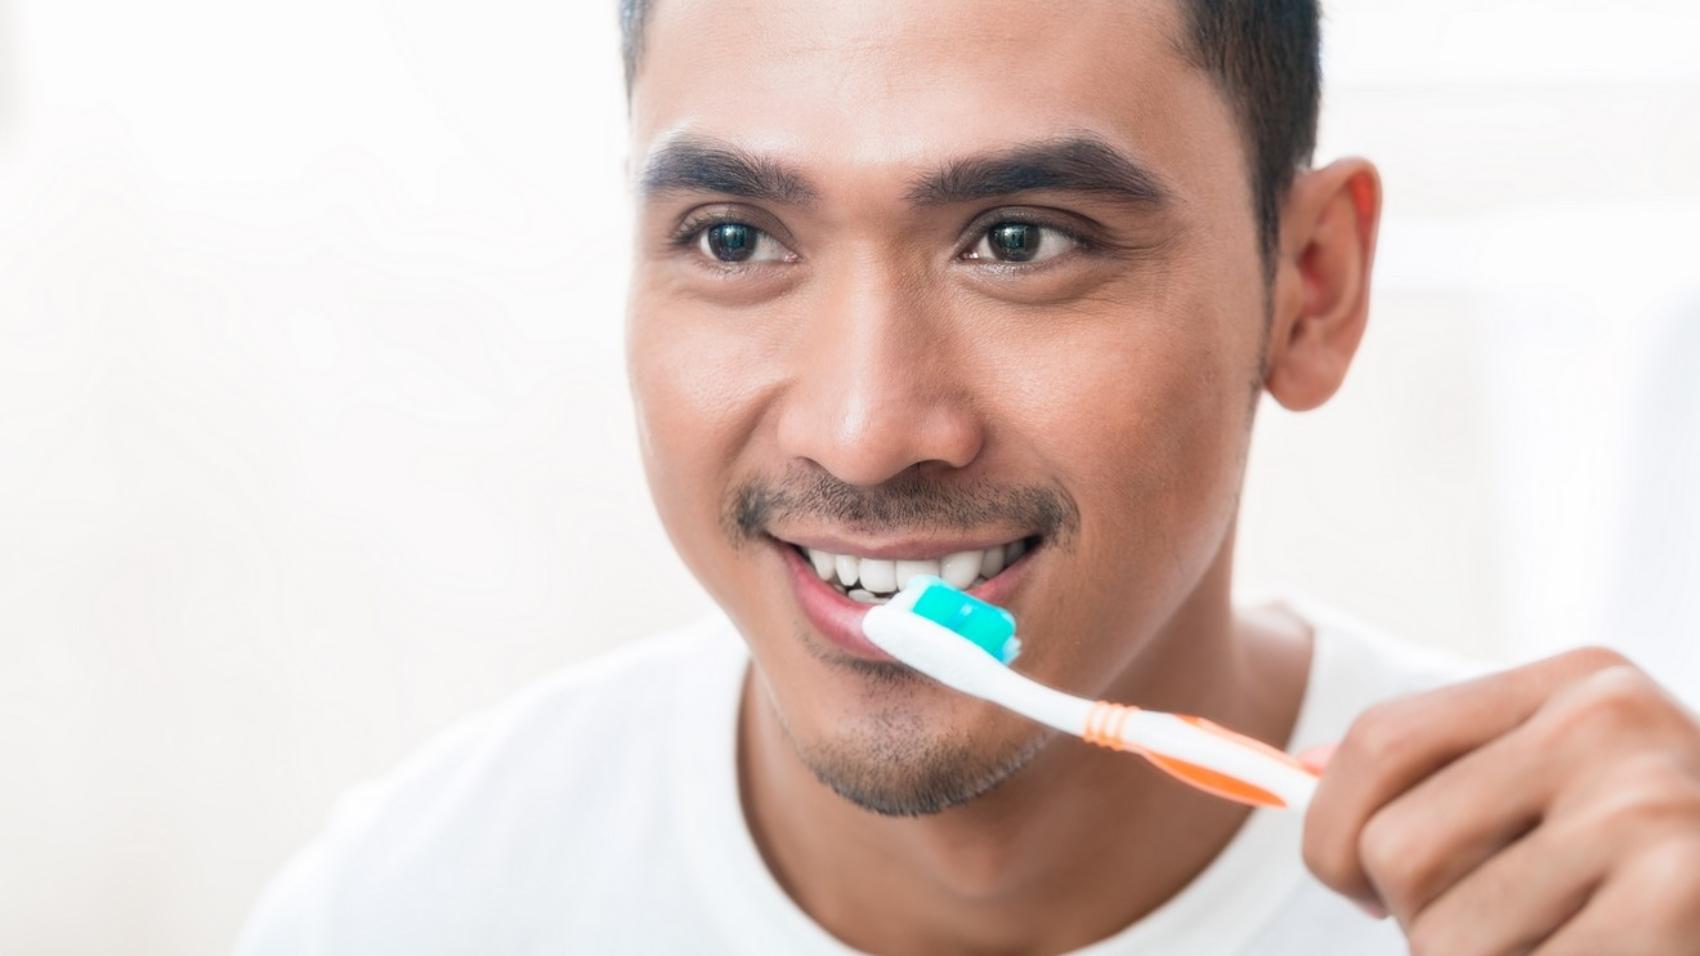 แปรงฟันแห้งกันเถอะ